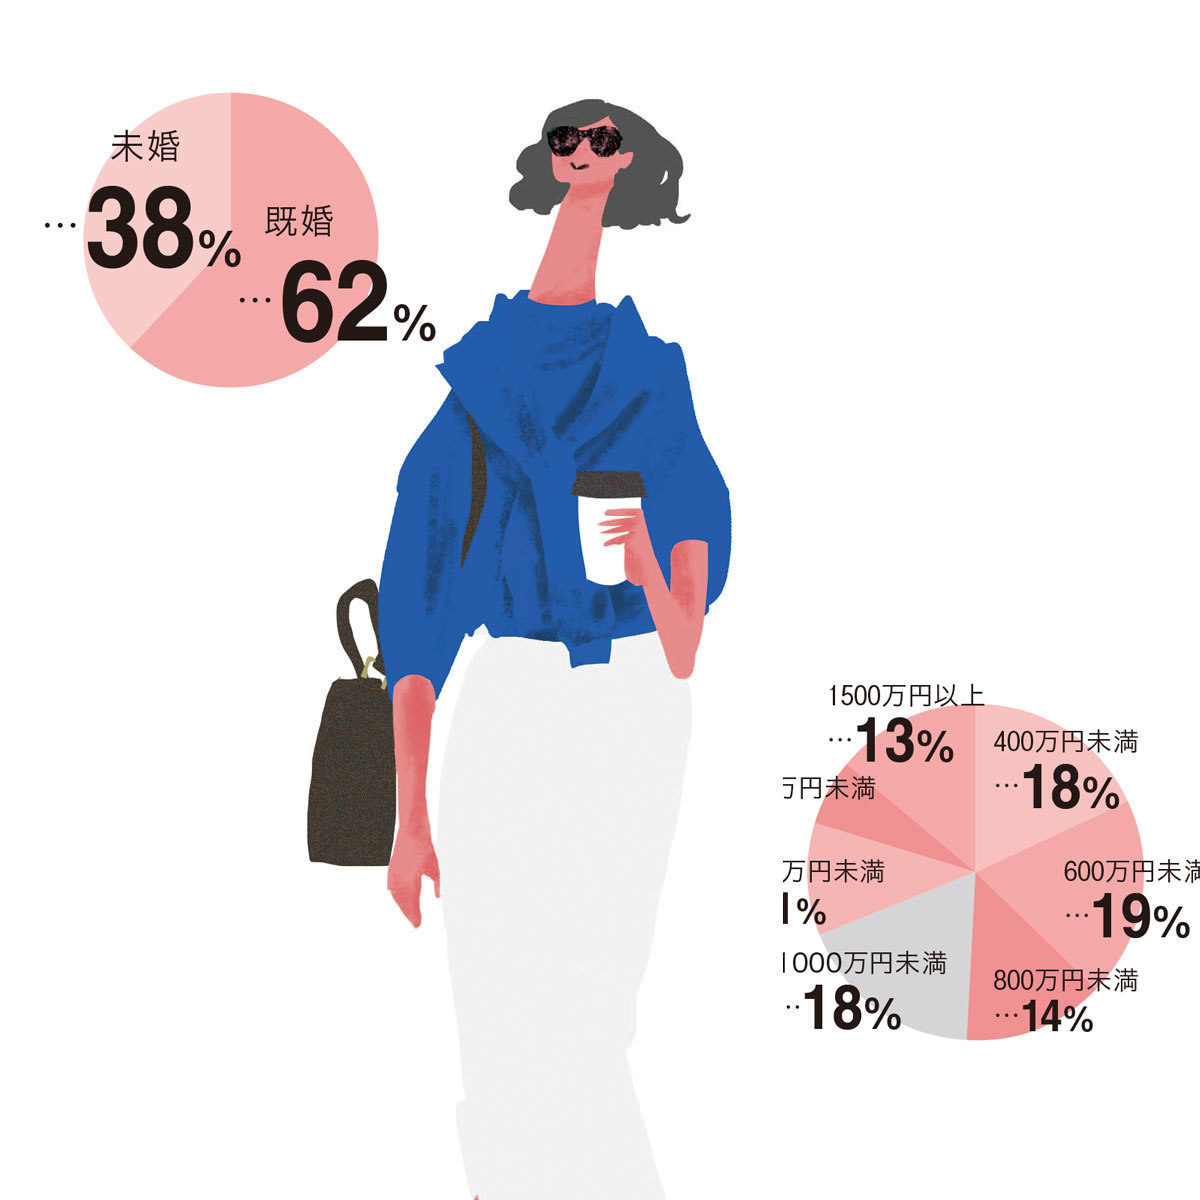 マリソルおしゃれ白書2020から大人のための夏のセットアップまで【ファッション人気記事ランキングトップ10】_1_1